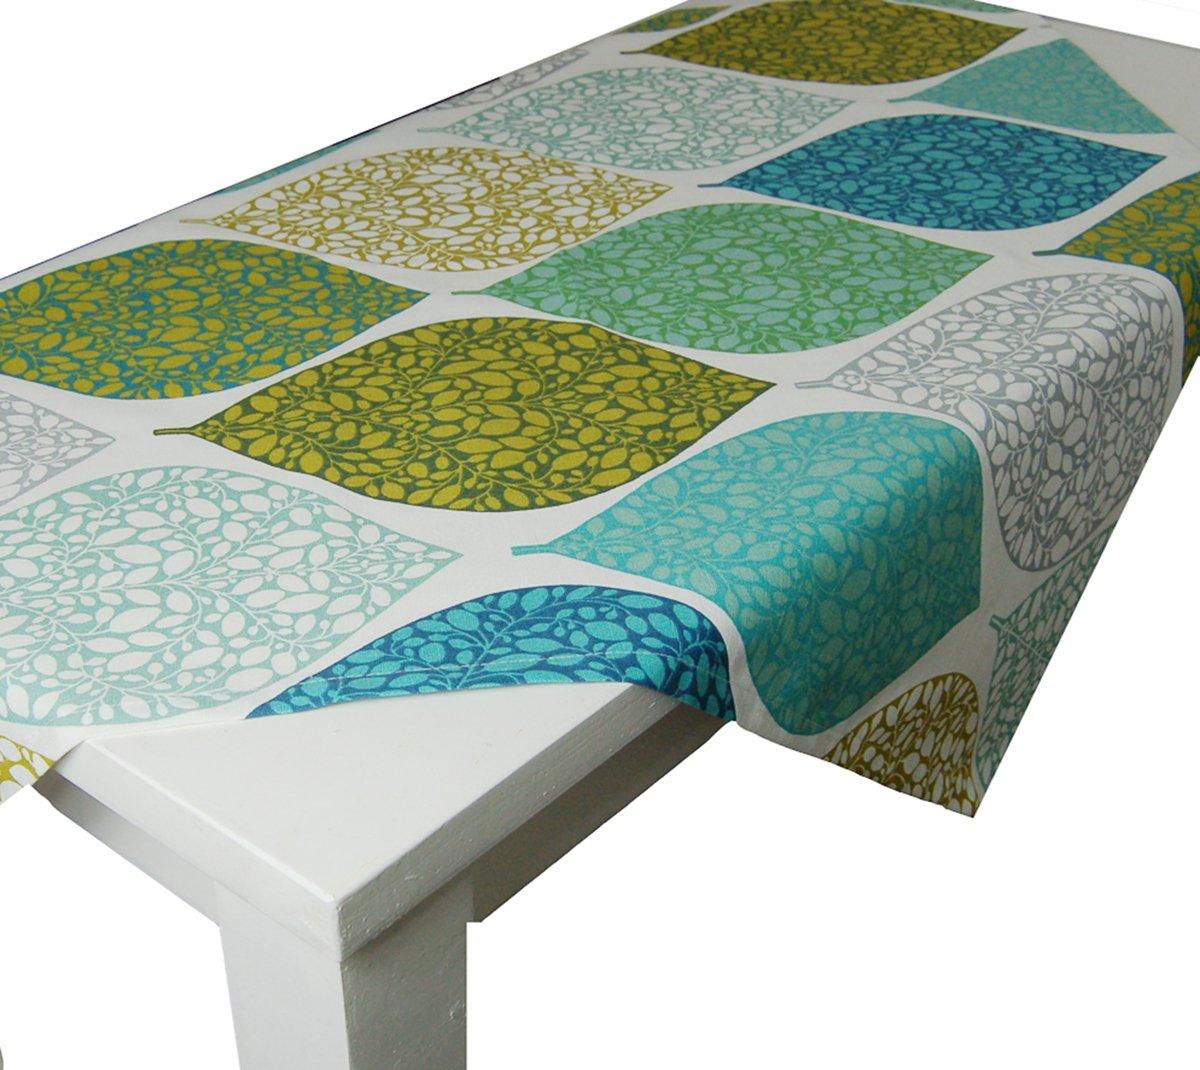 beties Momente Nackenrollen Kissenhülle 15x40 c m in interessanter Größenauswahl hochwertig & angenehm 100% Baumwolle Farbe (applemint)